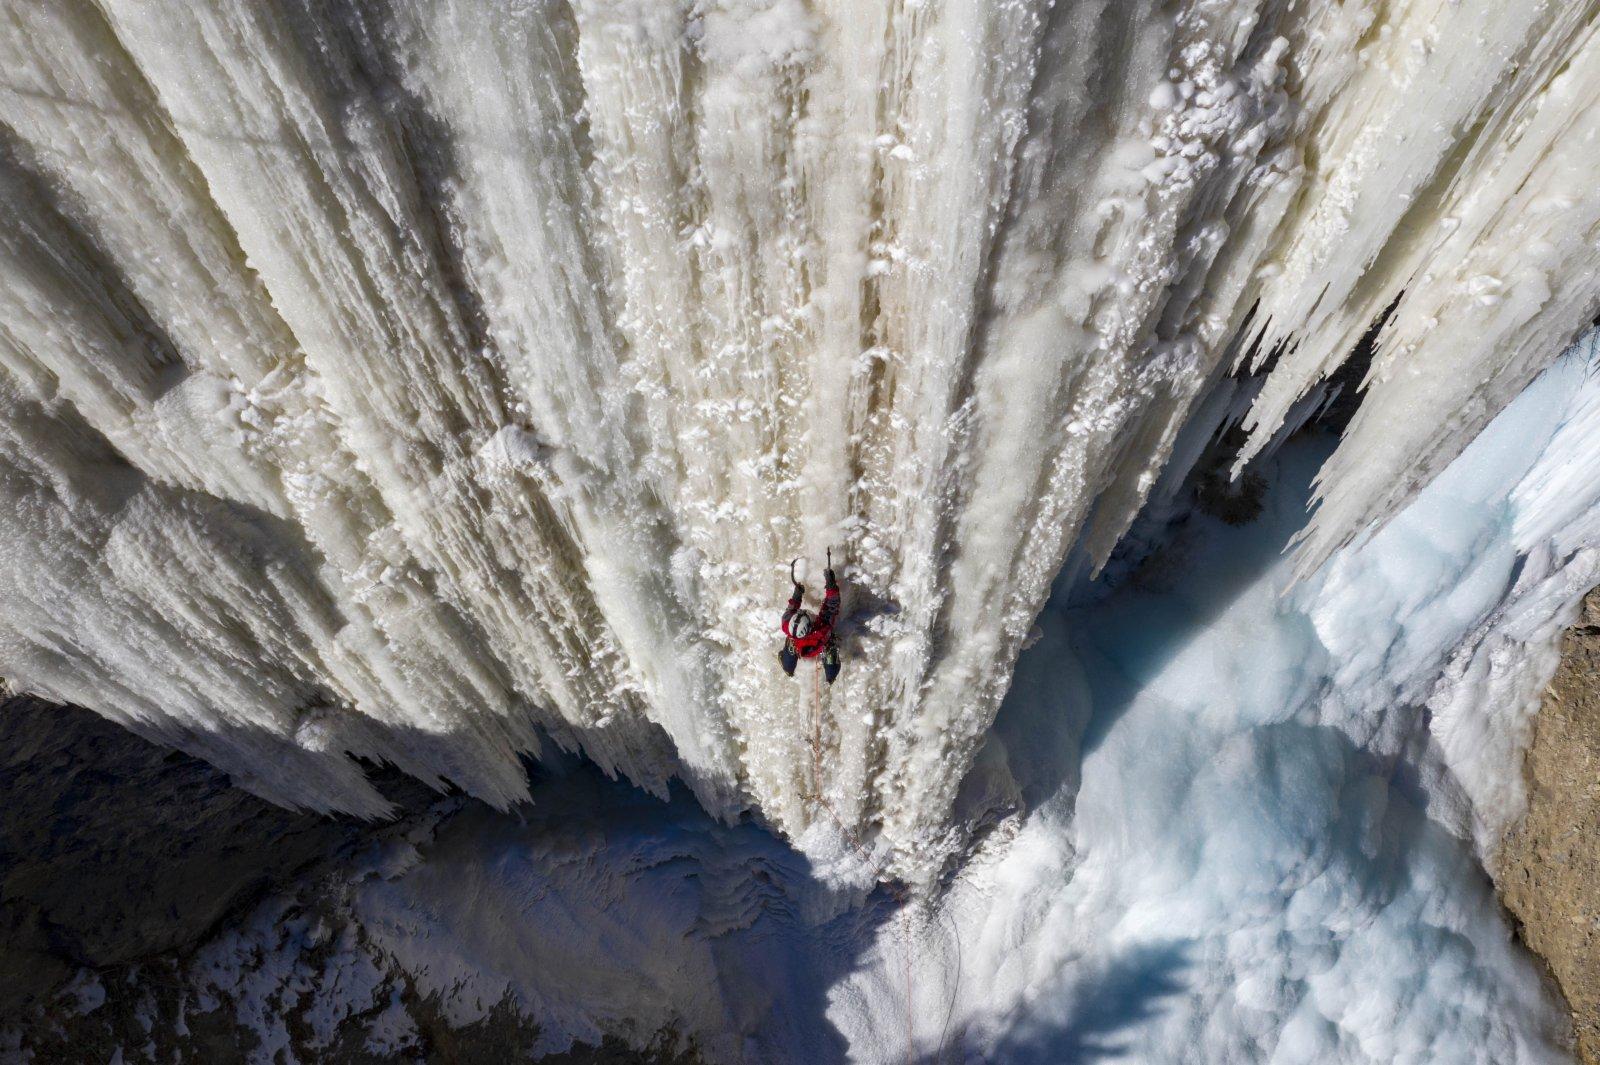 在烏魯木齊南郊的一處峽谷中,攀冰愛好者黃煌正沿着約90度的冰瀑向上攀登。(新華社)